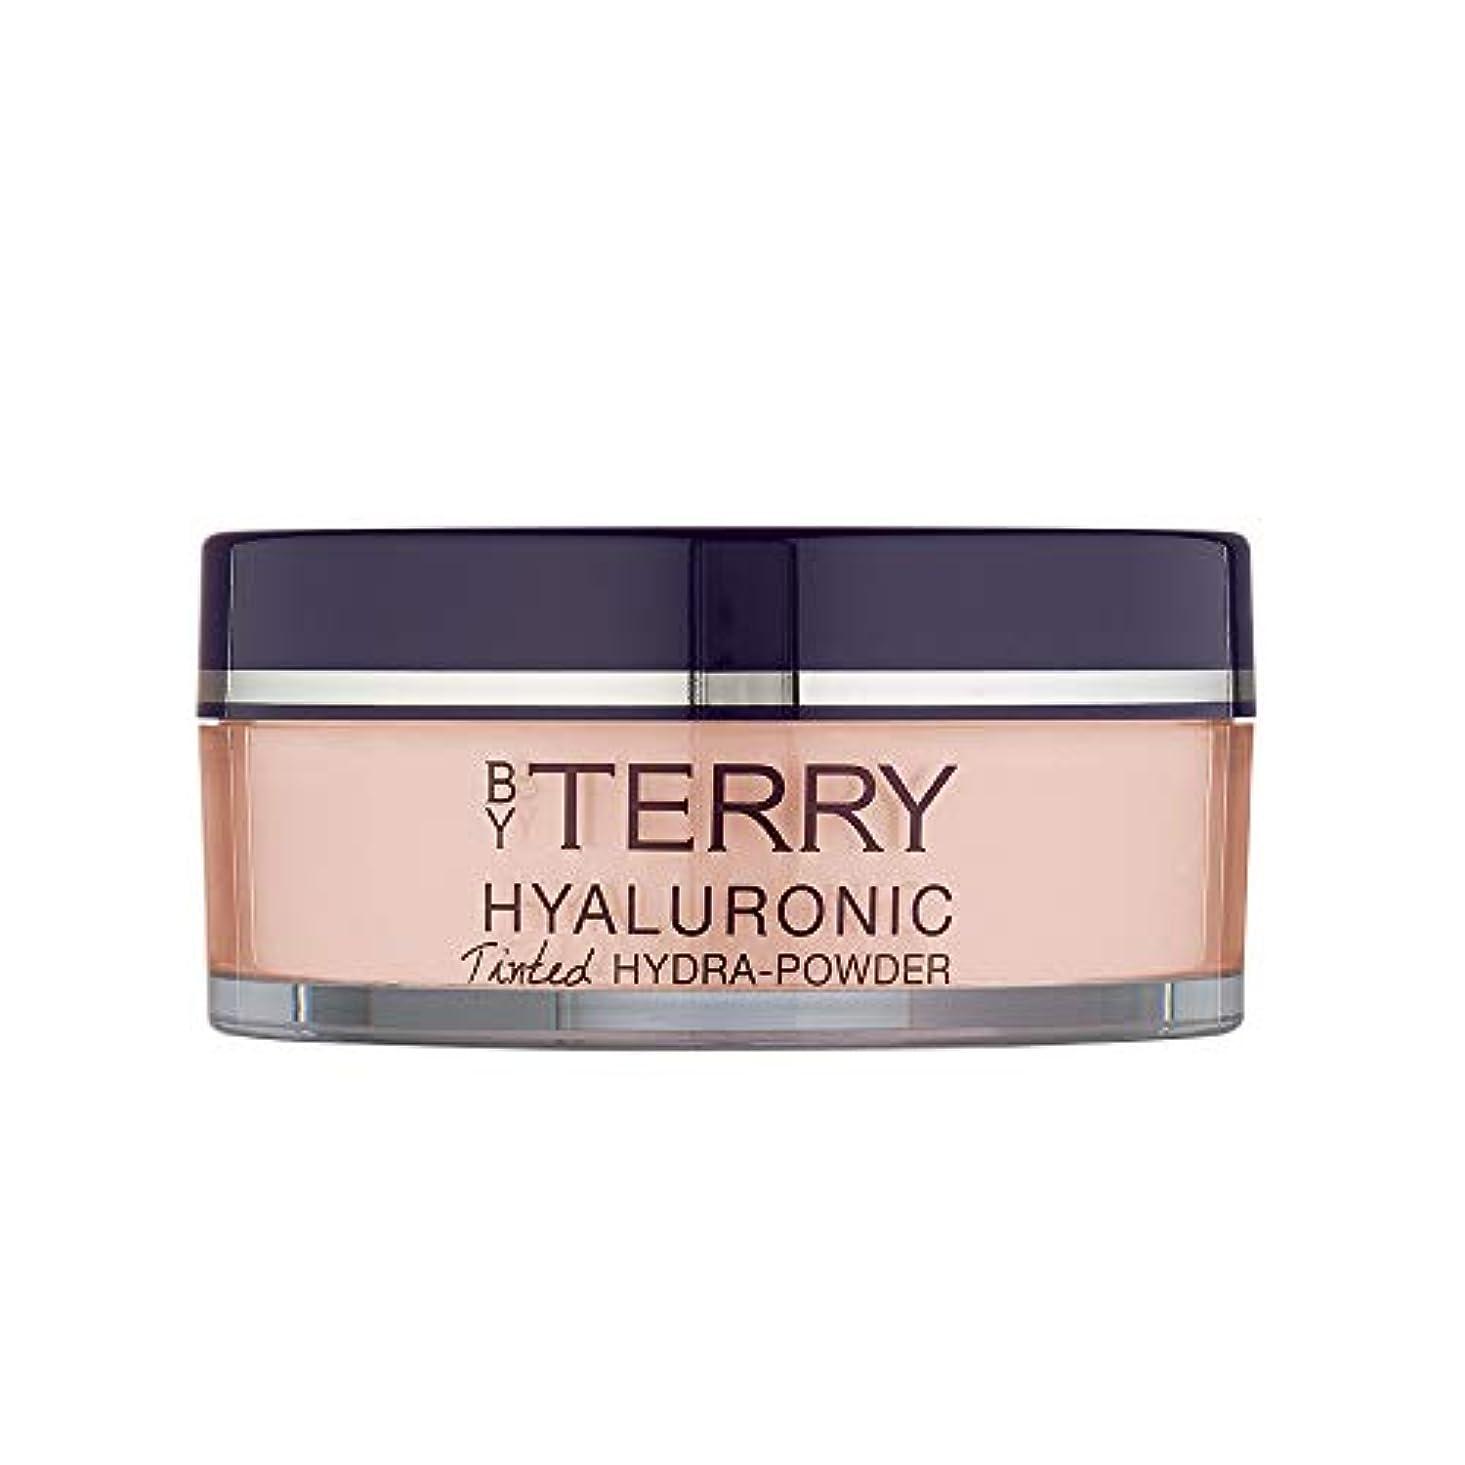 出版コンサルタント開業医バイテリー Hyaluronic Tinted Hydra Care Setting Powder - # 200 Natural 10g/0.35oz並行輸入品